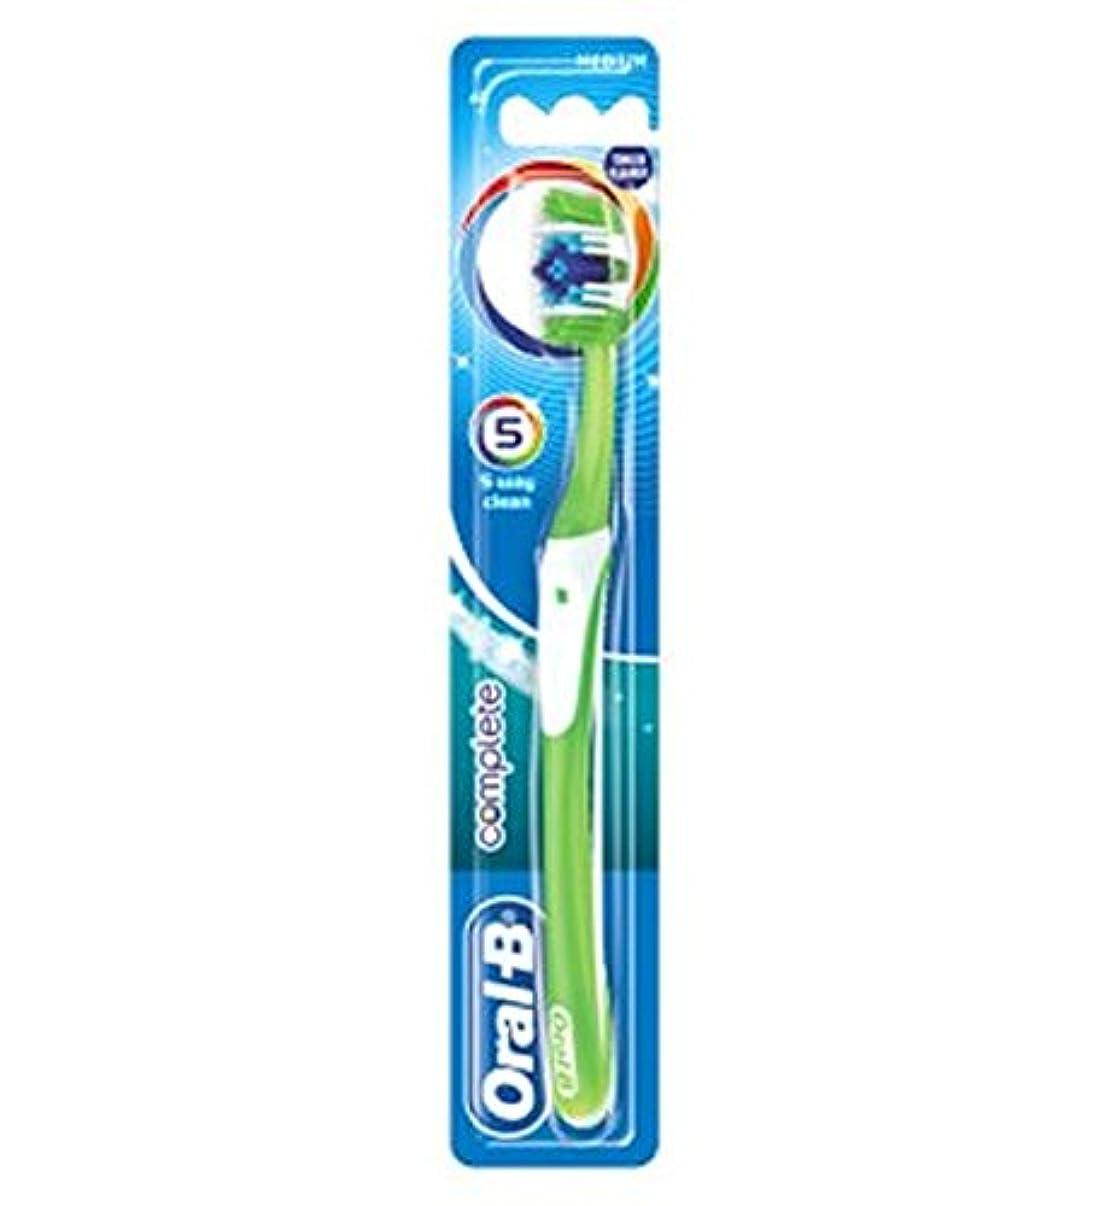 蒸留するインカ帝国二度Oral-B Complete 5 Way Clean Medium Manual Toothbrush - オーラルBの完全な5道クリーンなメディアの手動歯ブラシ (Oral B) [並行輸入品]